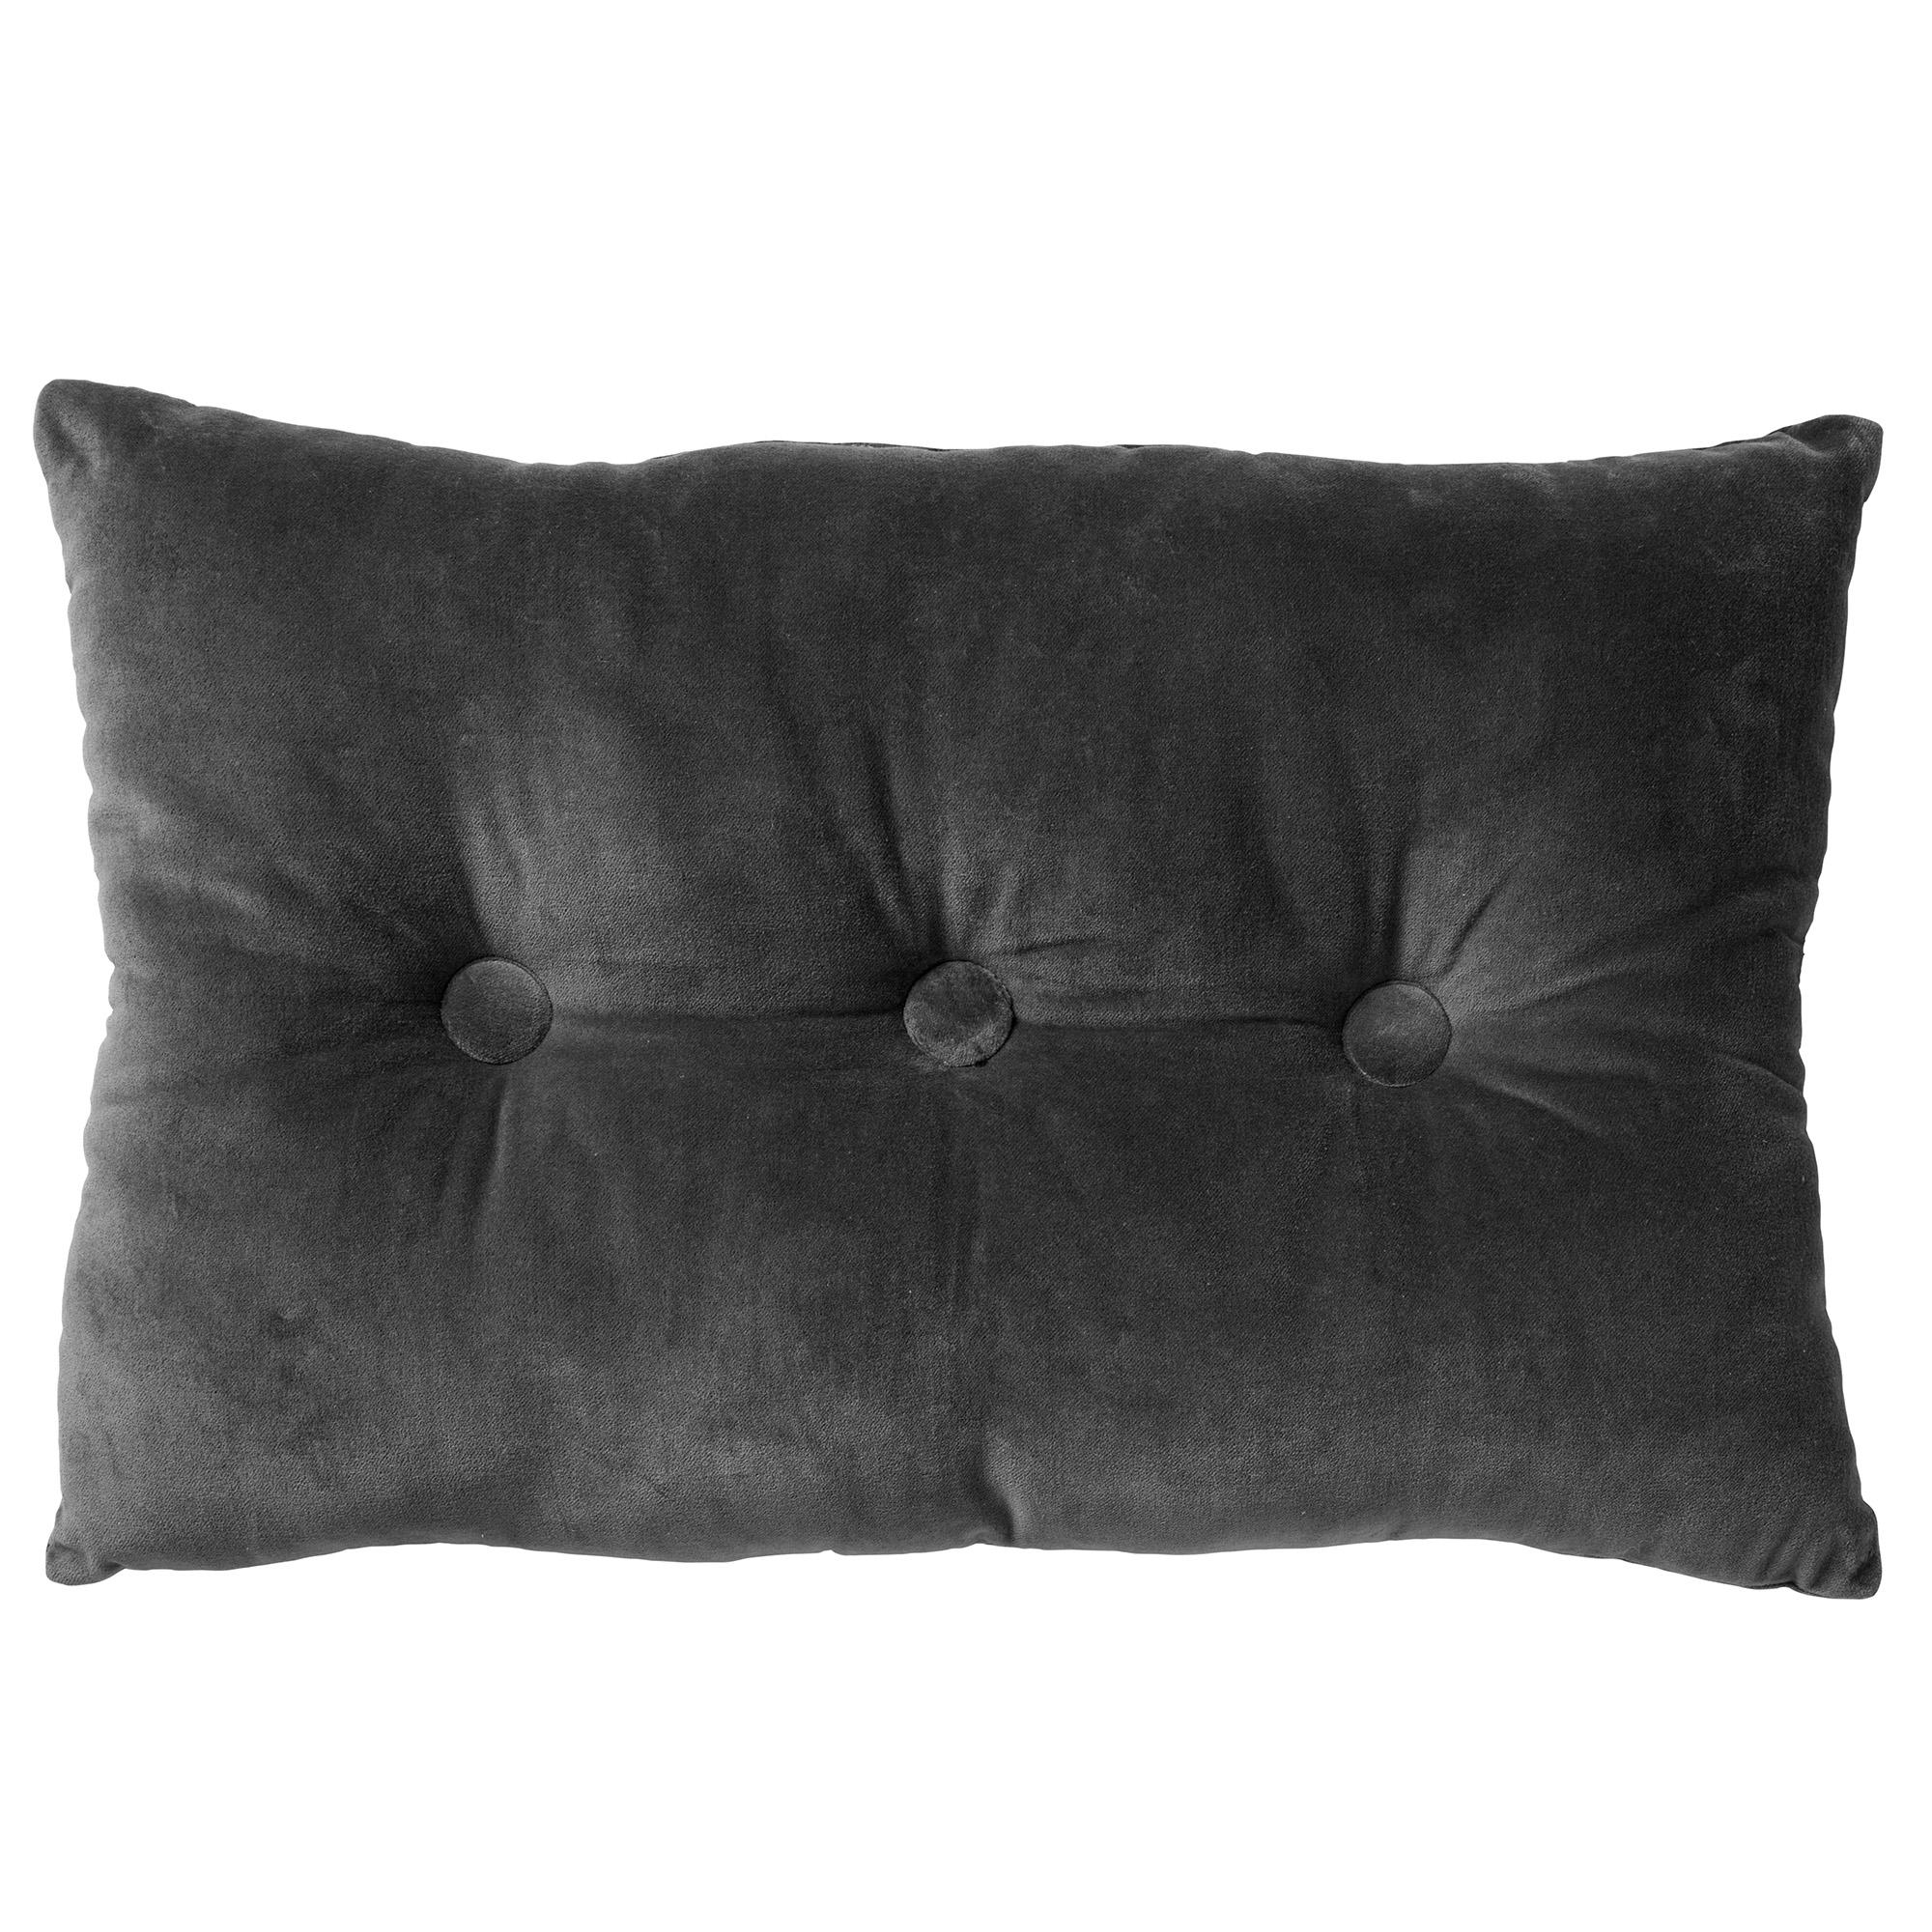 VALERIE - Sierkussen velvet Charcoal Grey 40x60 cm